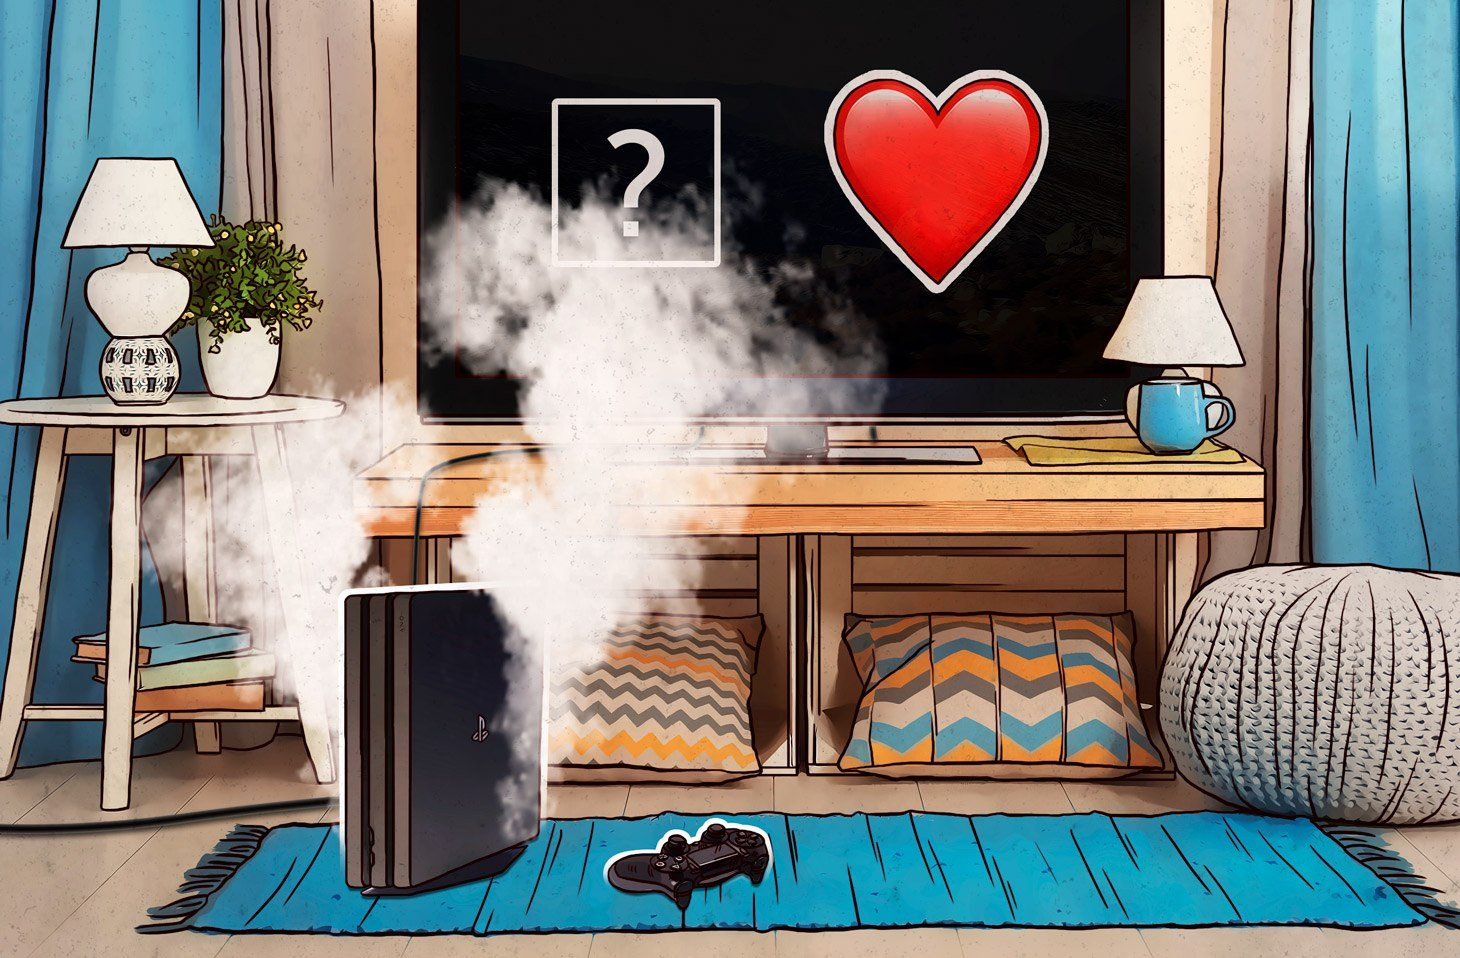 Como lidar com as mensagens assassinas no PlayStation 4